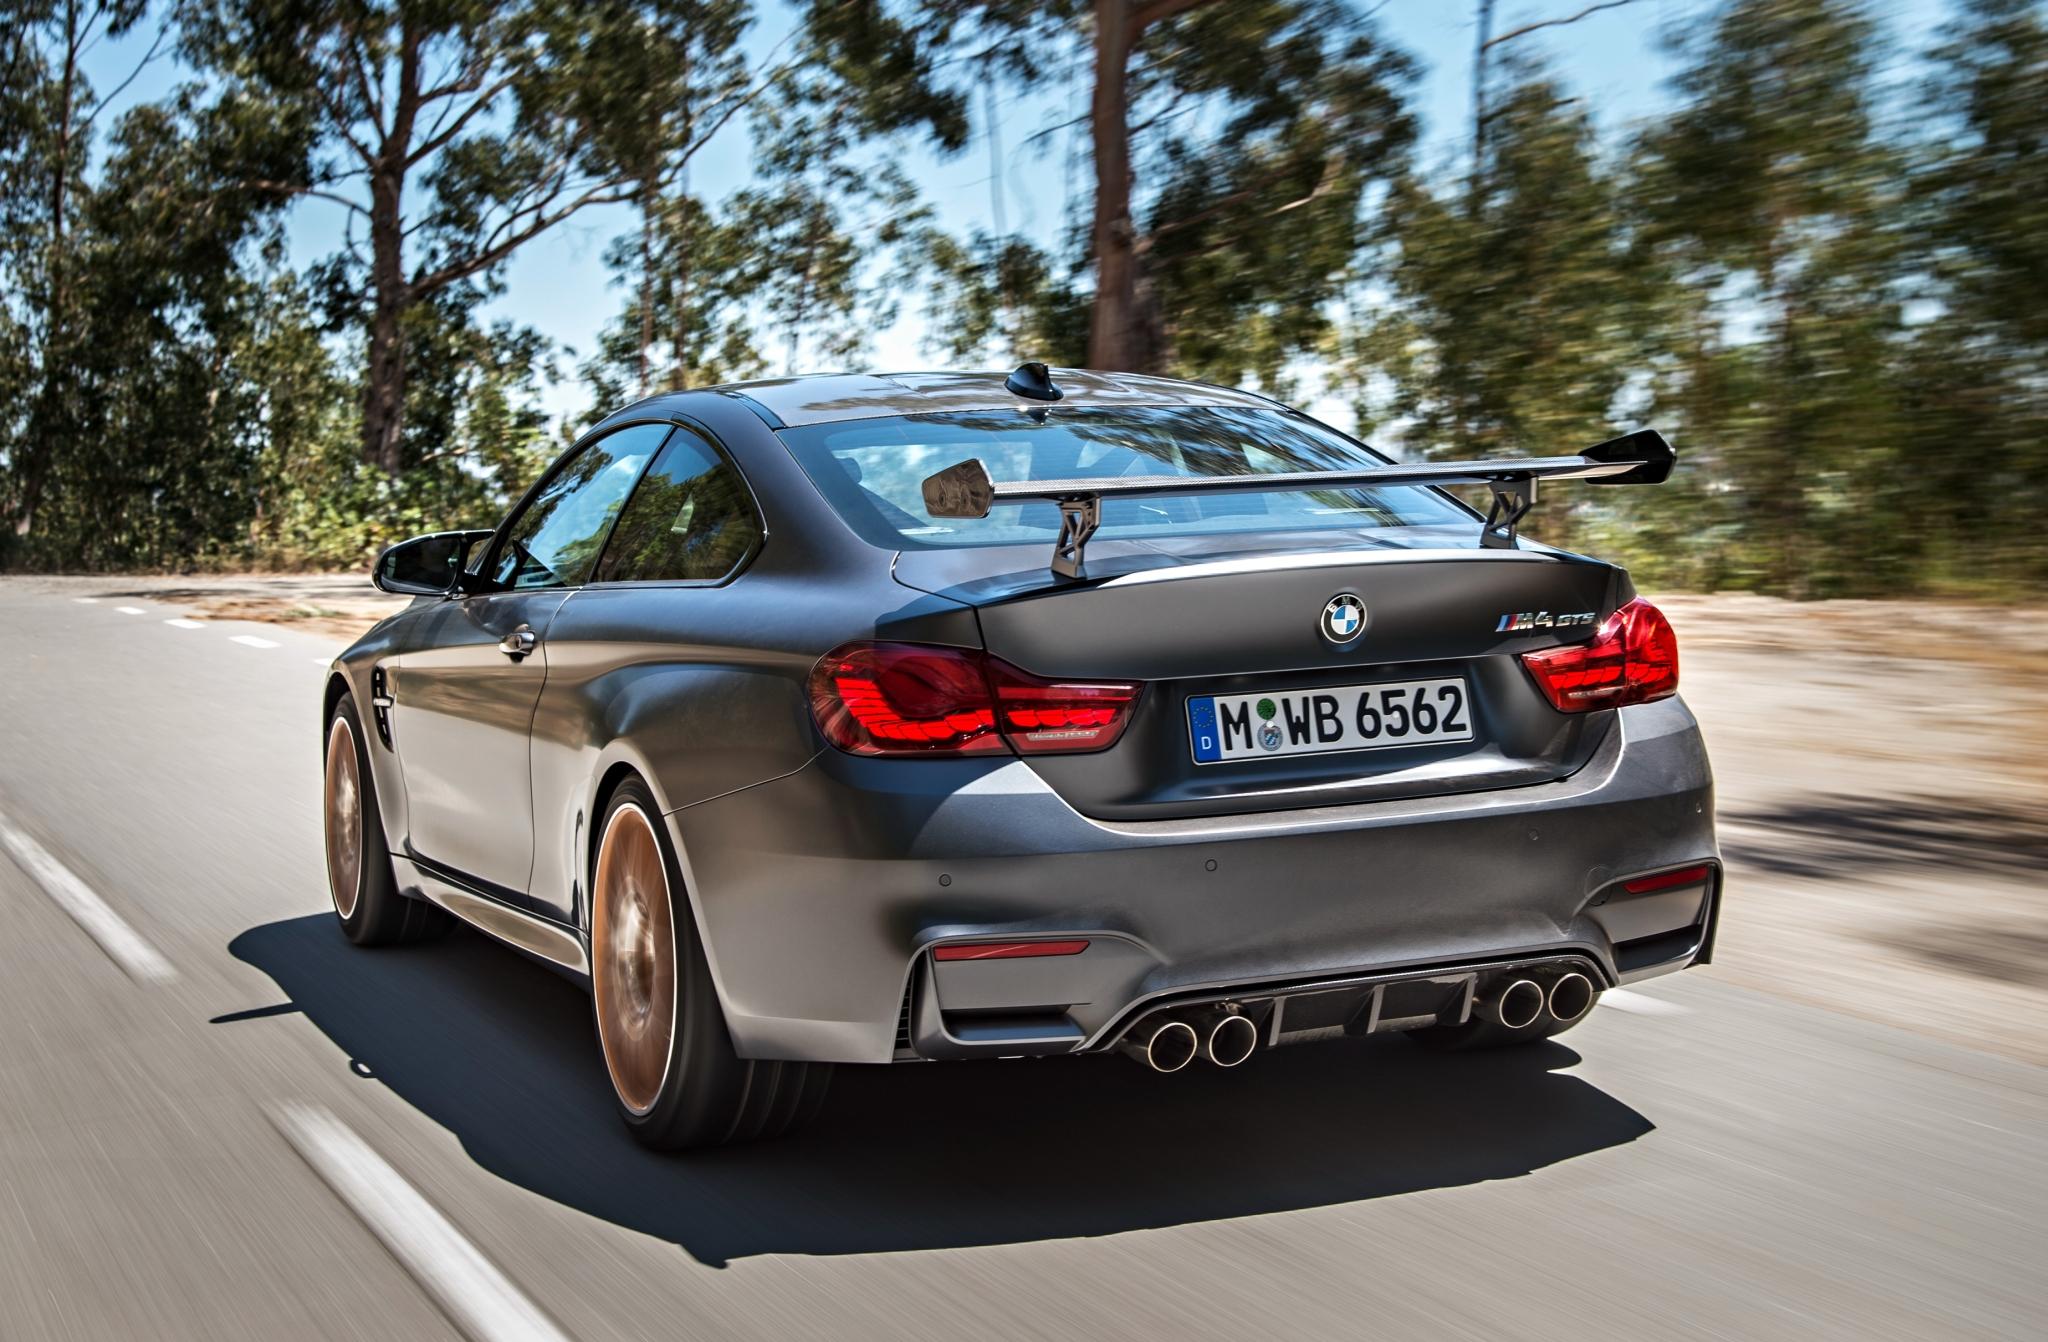 BMW M4 GTS 001